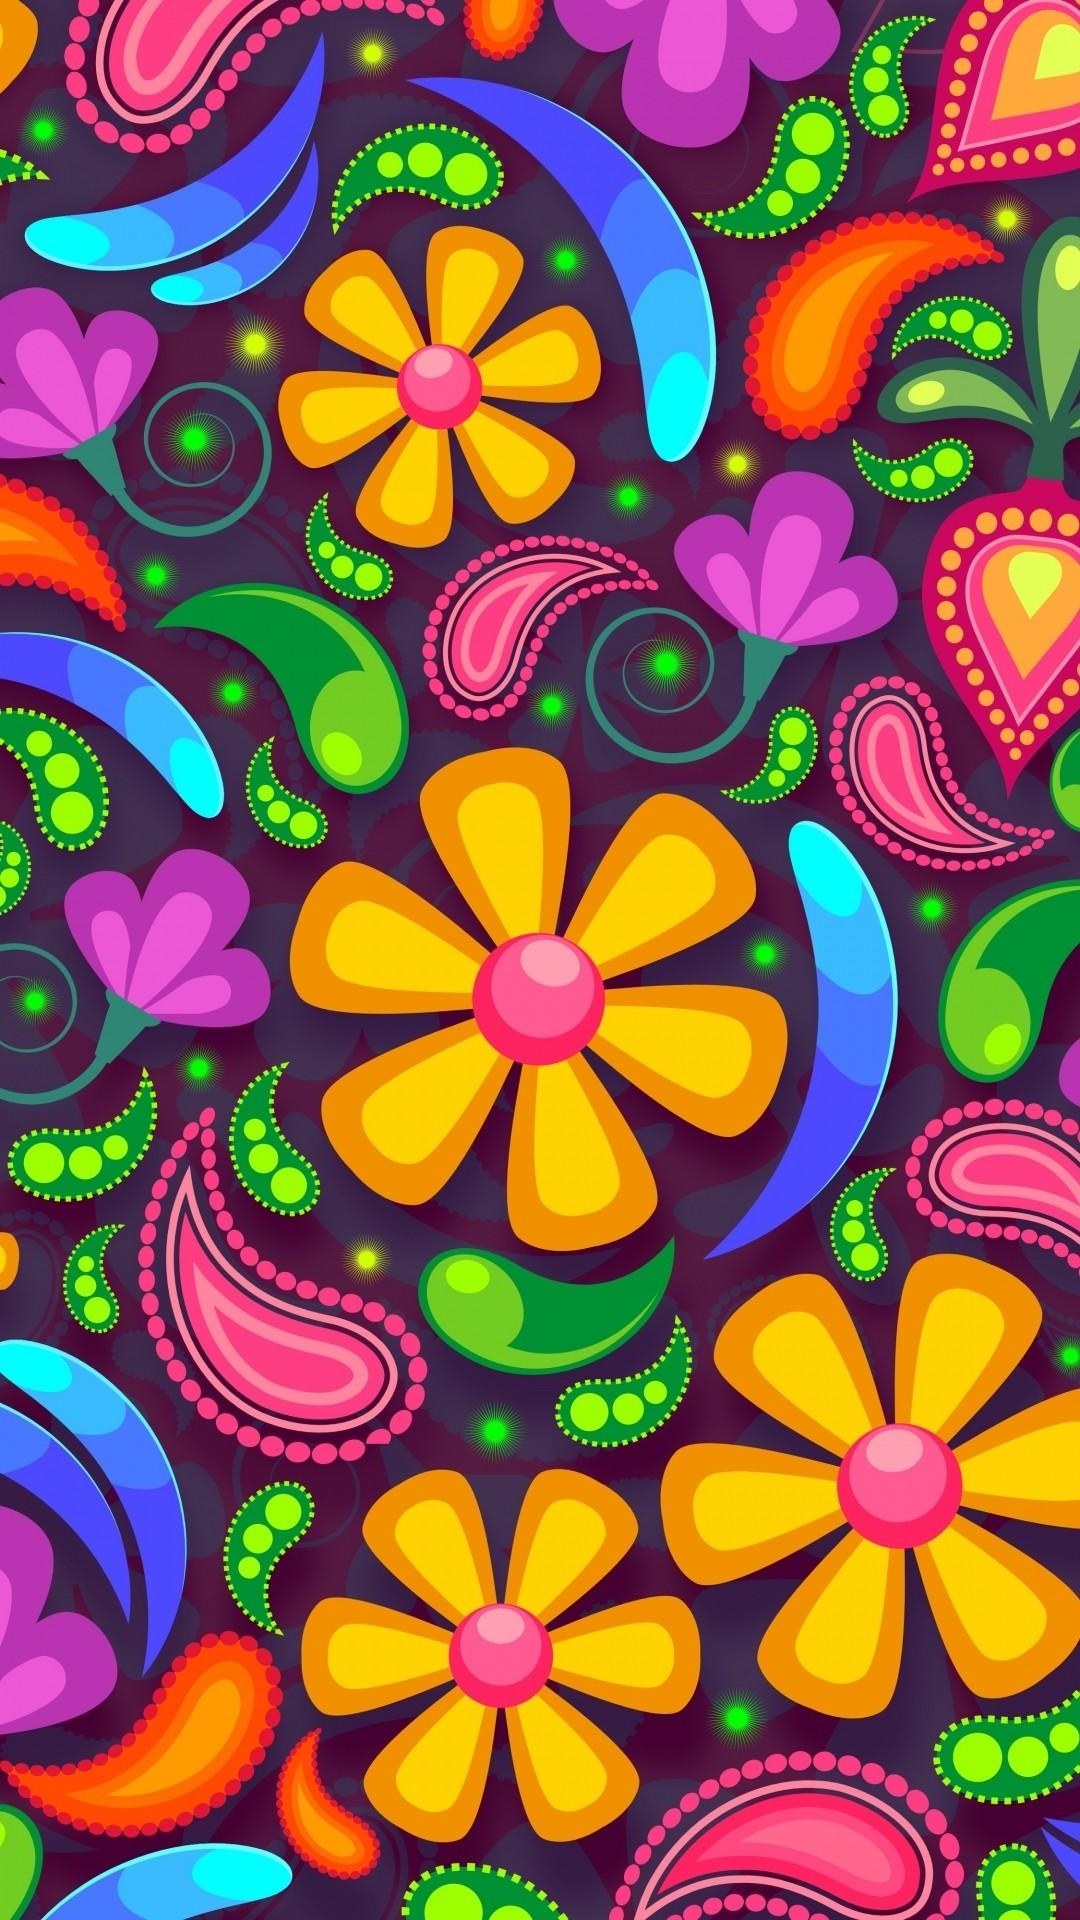 Hippie iPhone 5 wallpaper